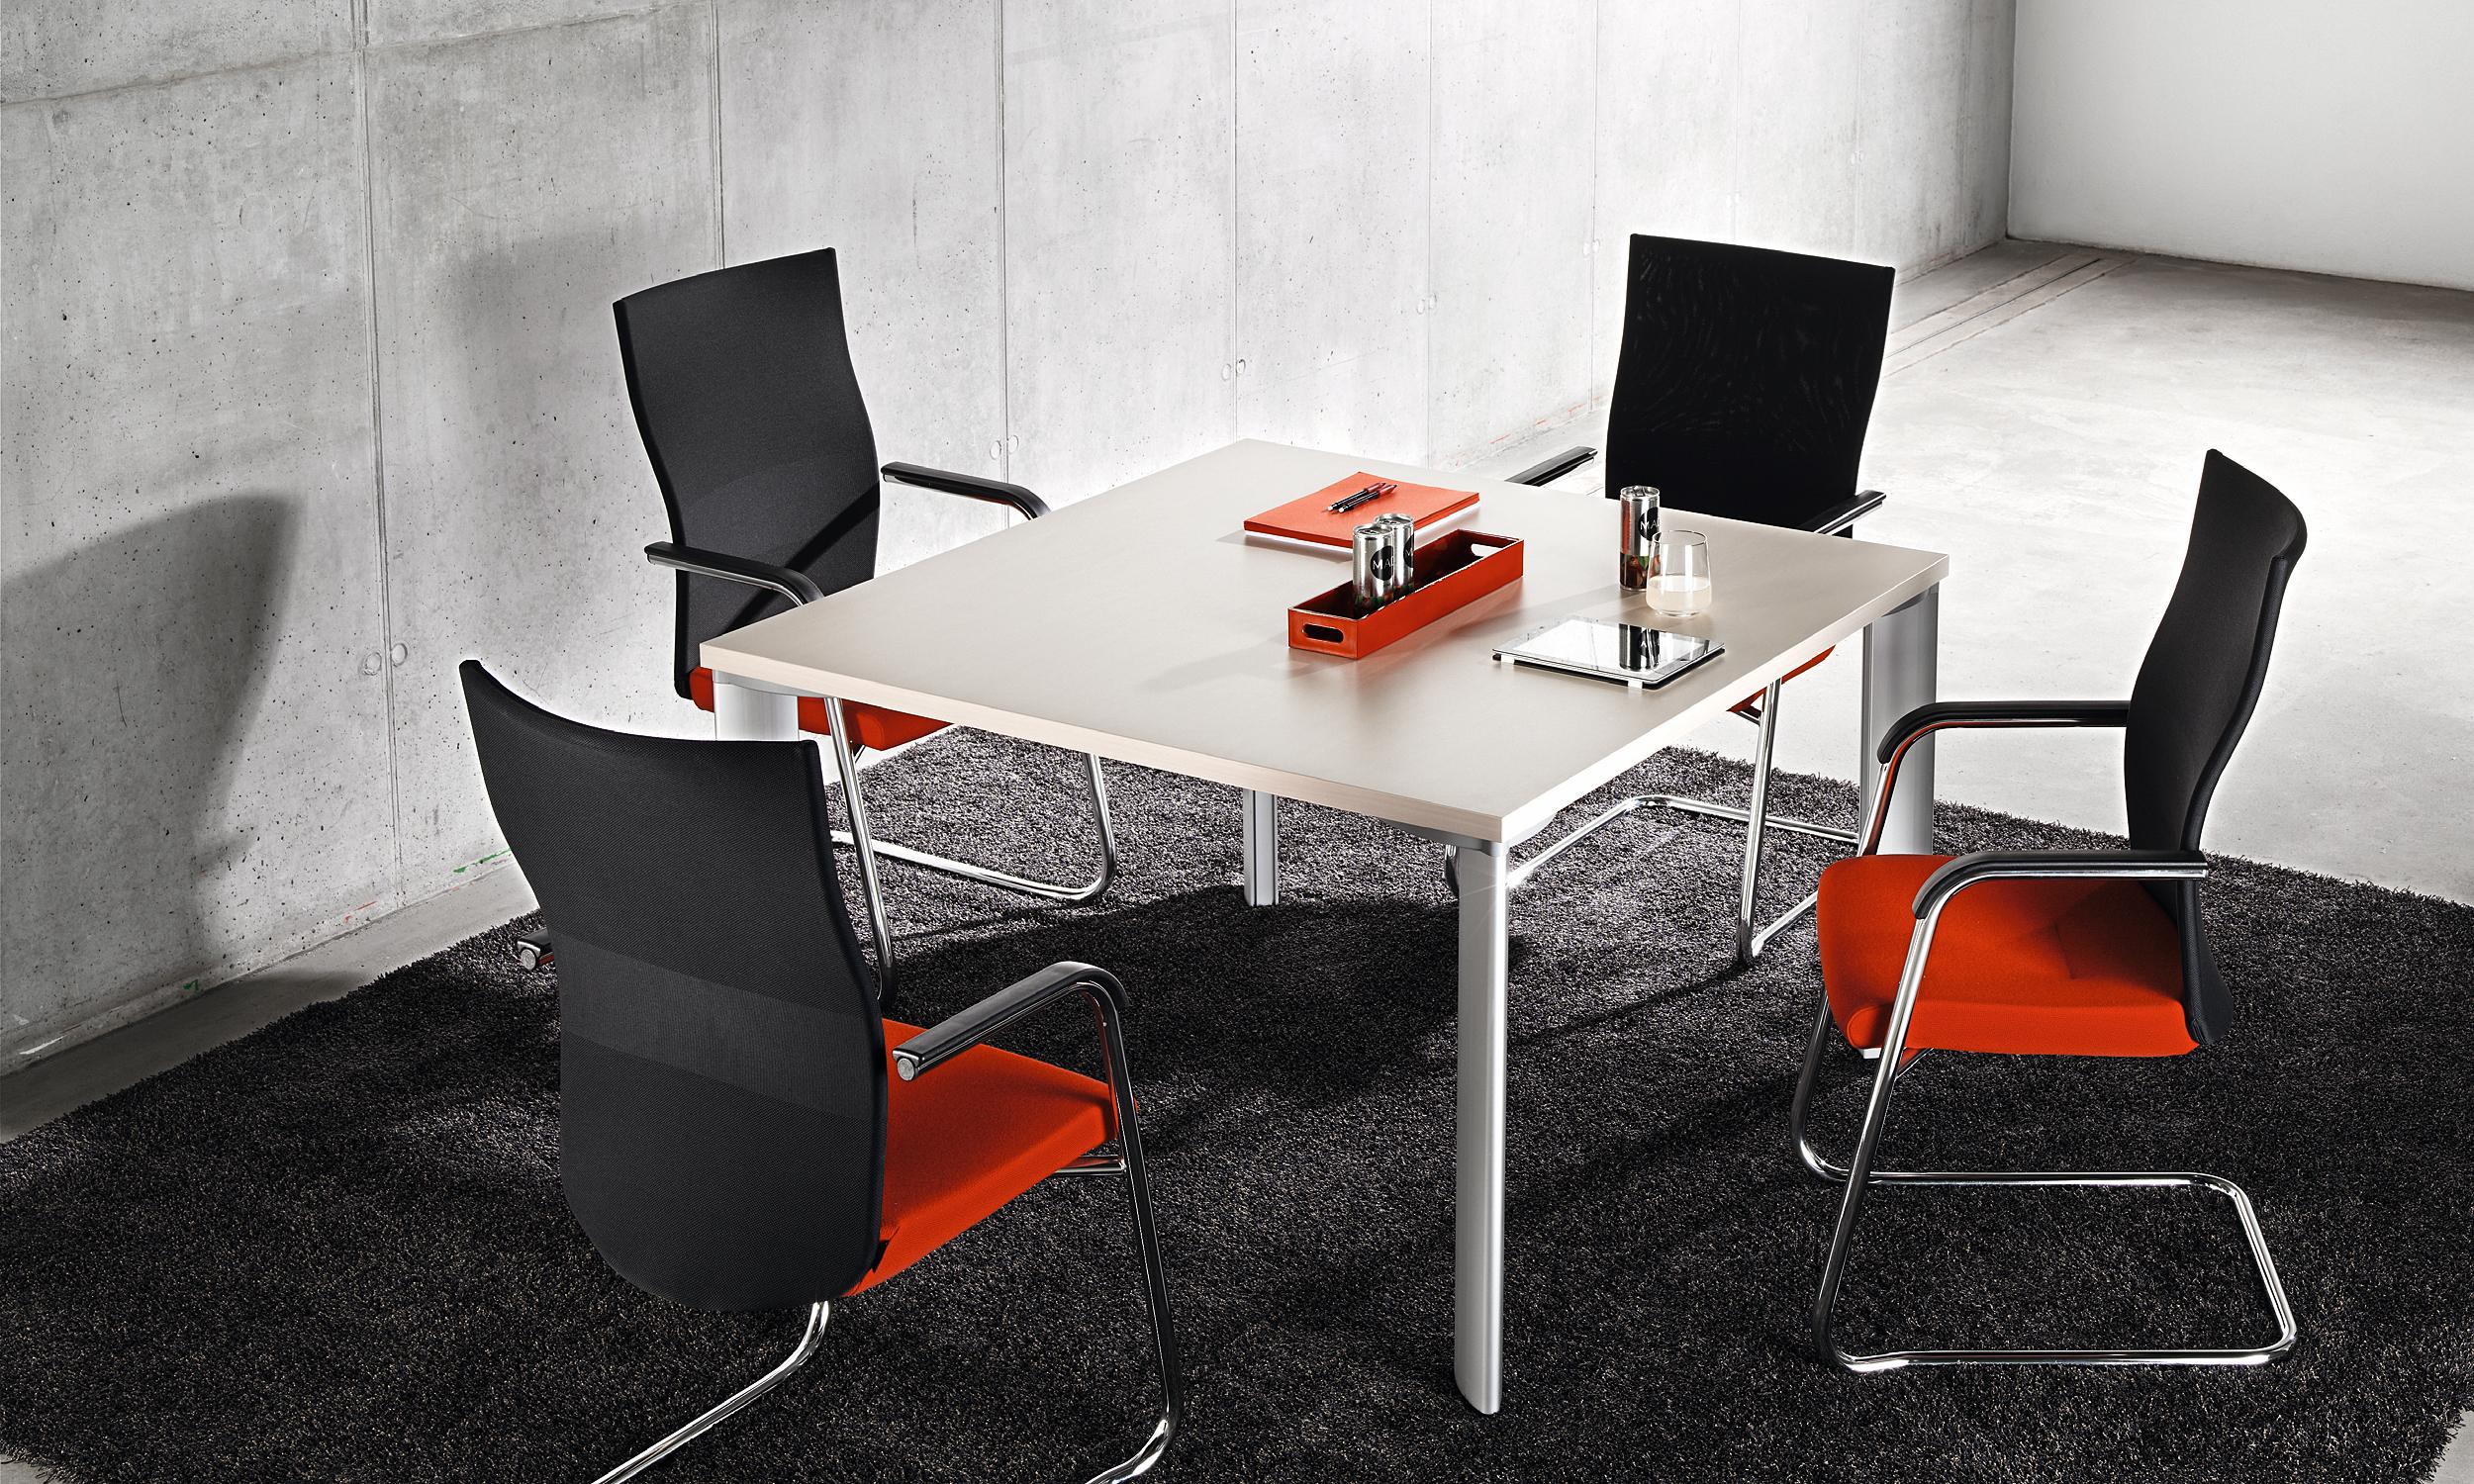 krzesło_Extra03